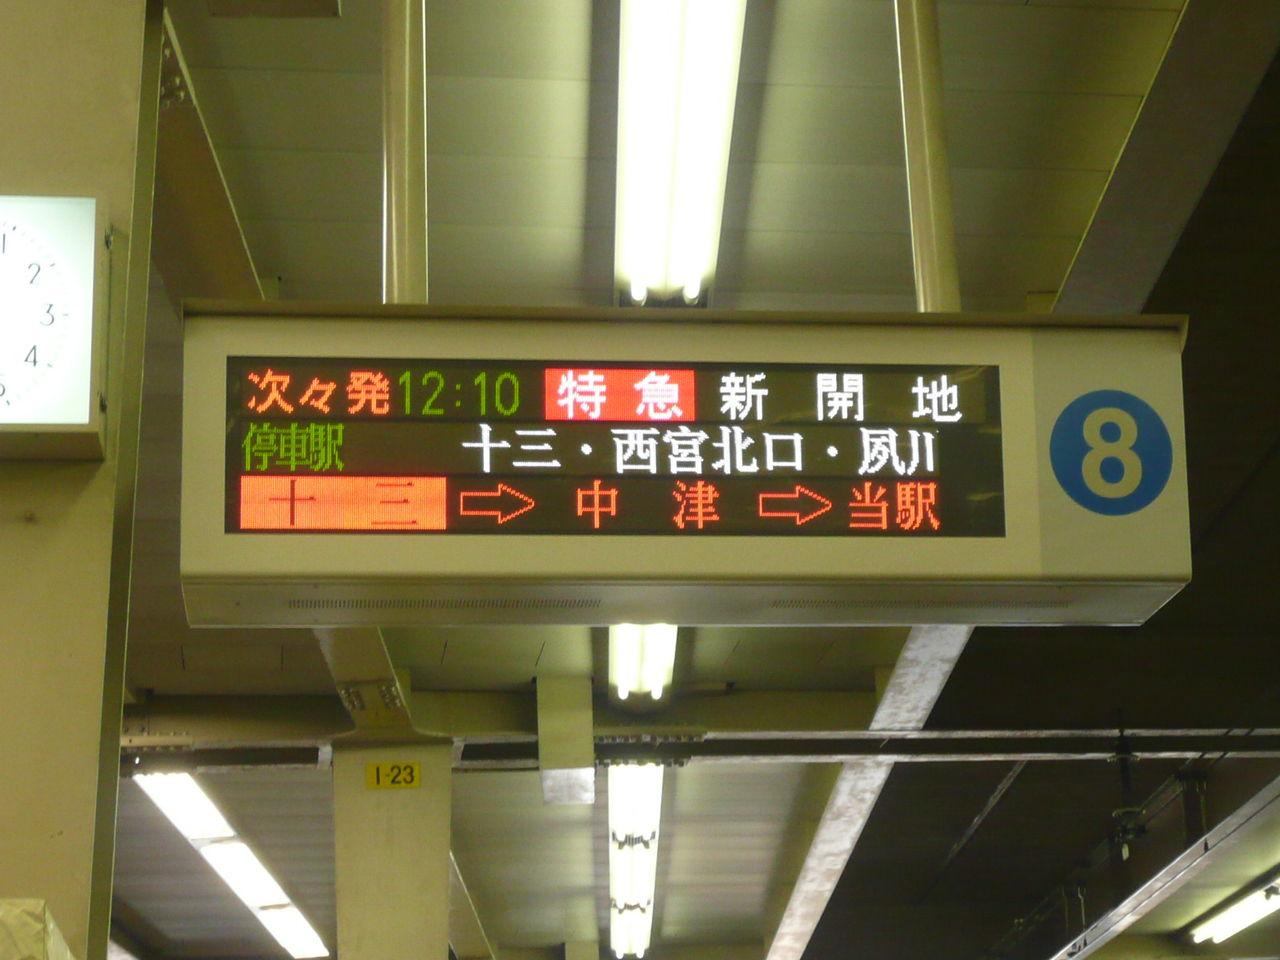 阪急神戸線に乗ってみた : 関西のJRへようこそ!